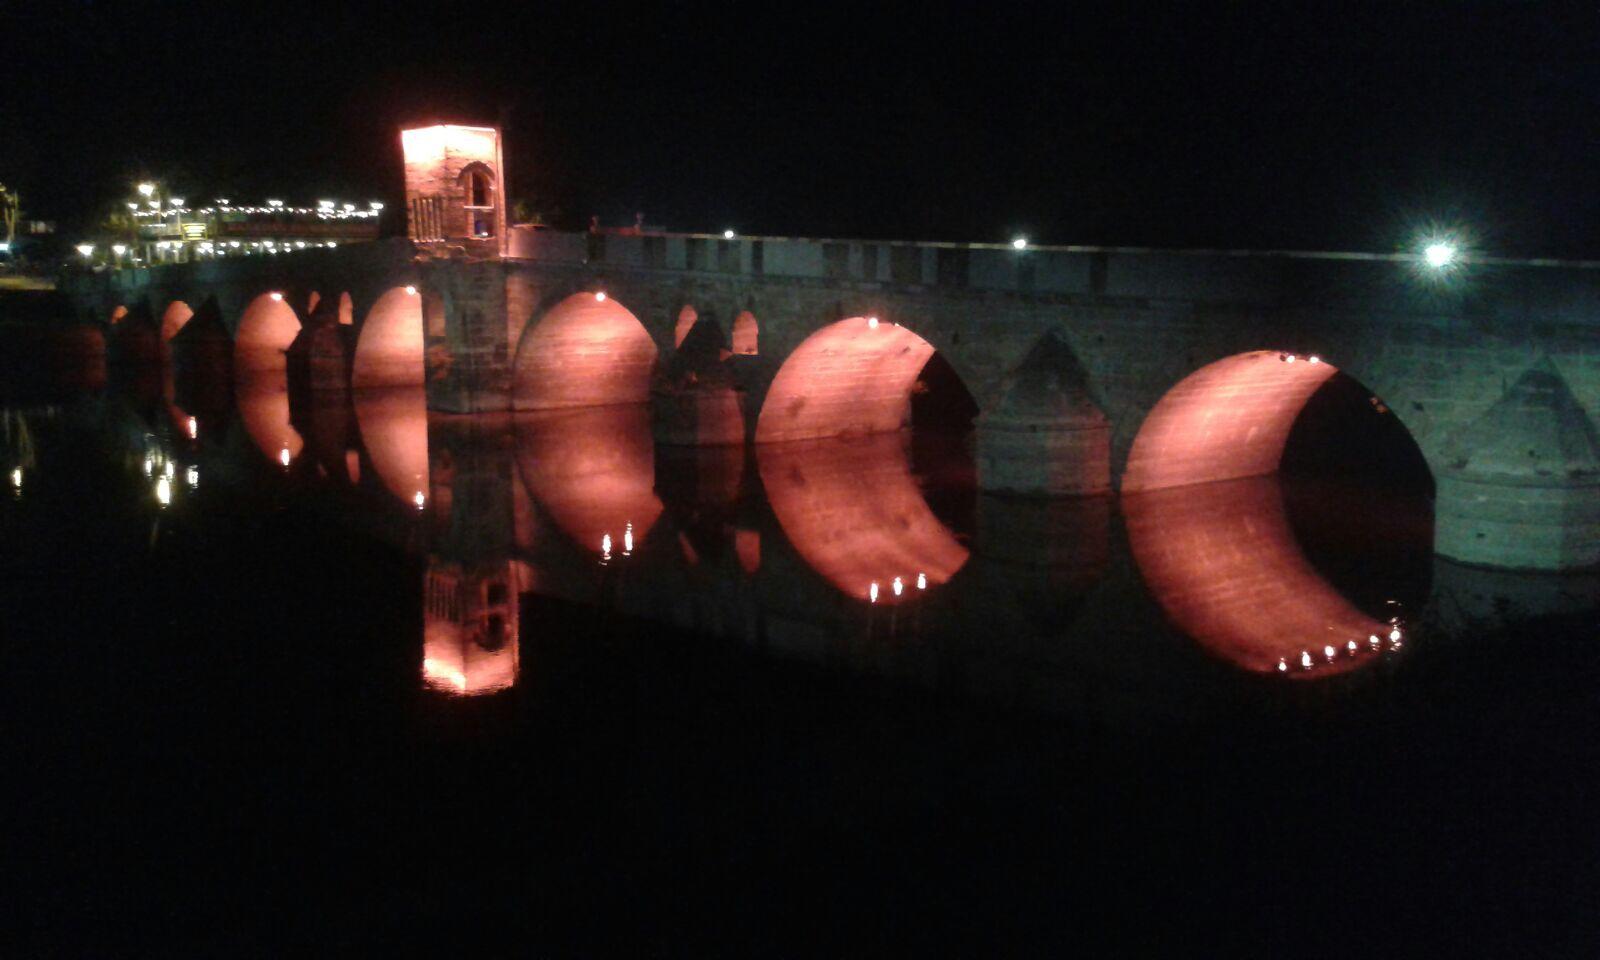 ... die Tunça-Brücke, die über den Fluss Tunça von Edirne nach Karaaçag führt ... aus osmanischen Zeit & ca. 400 Jahre alt.